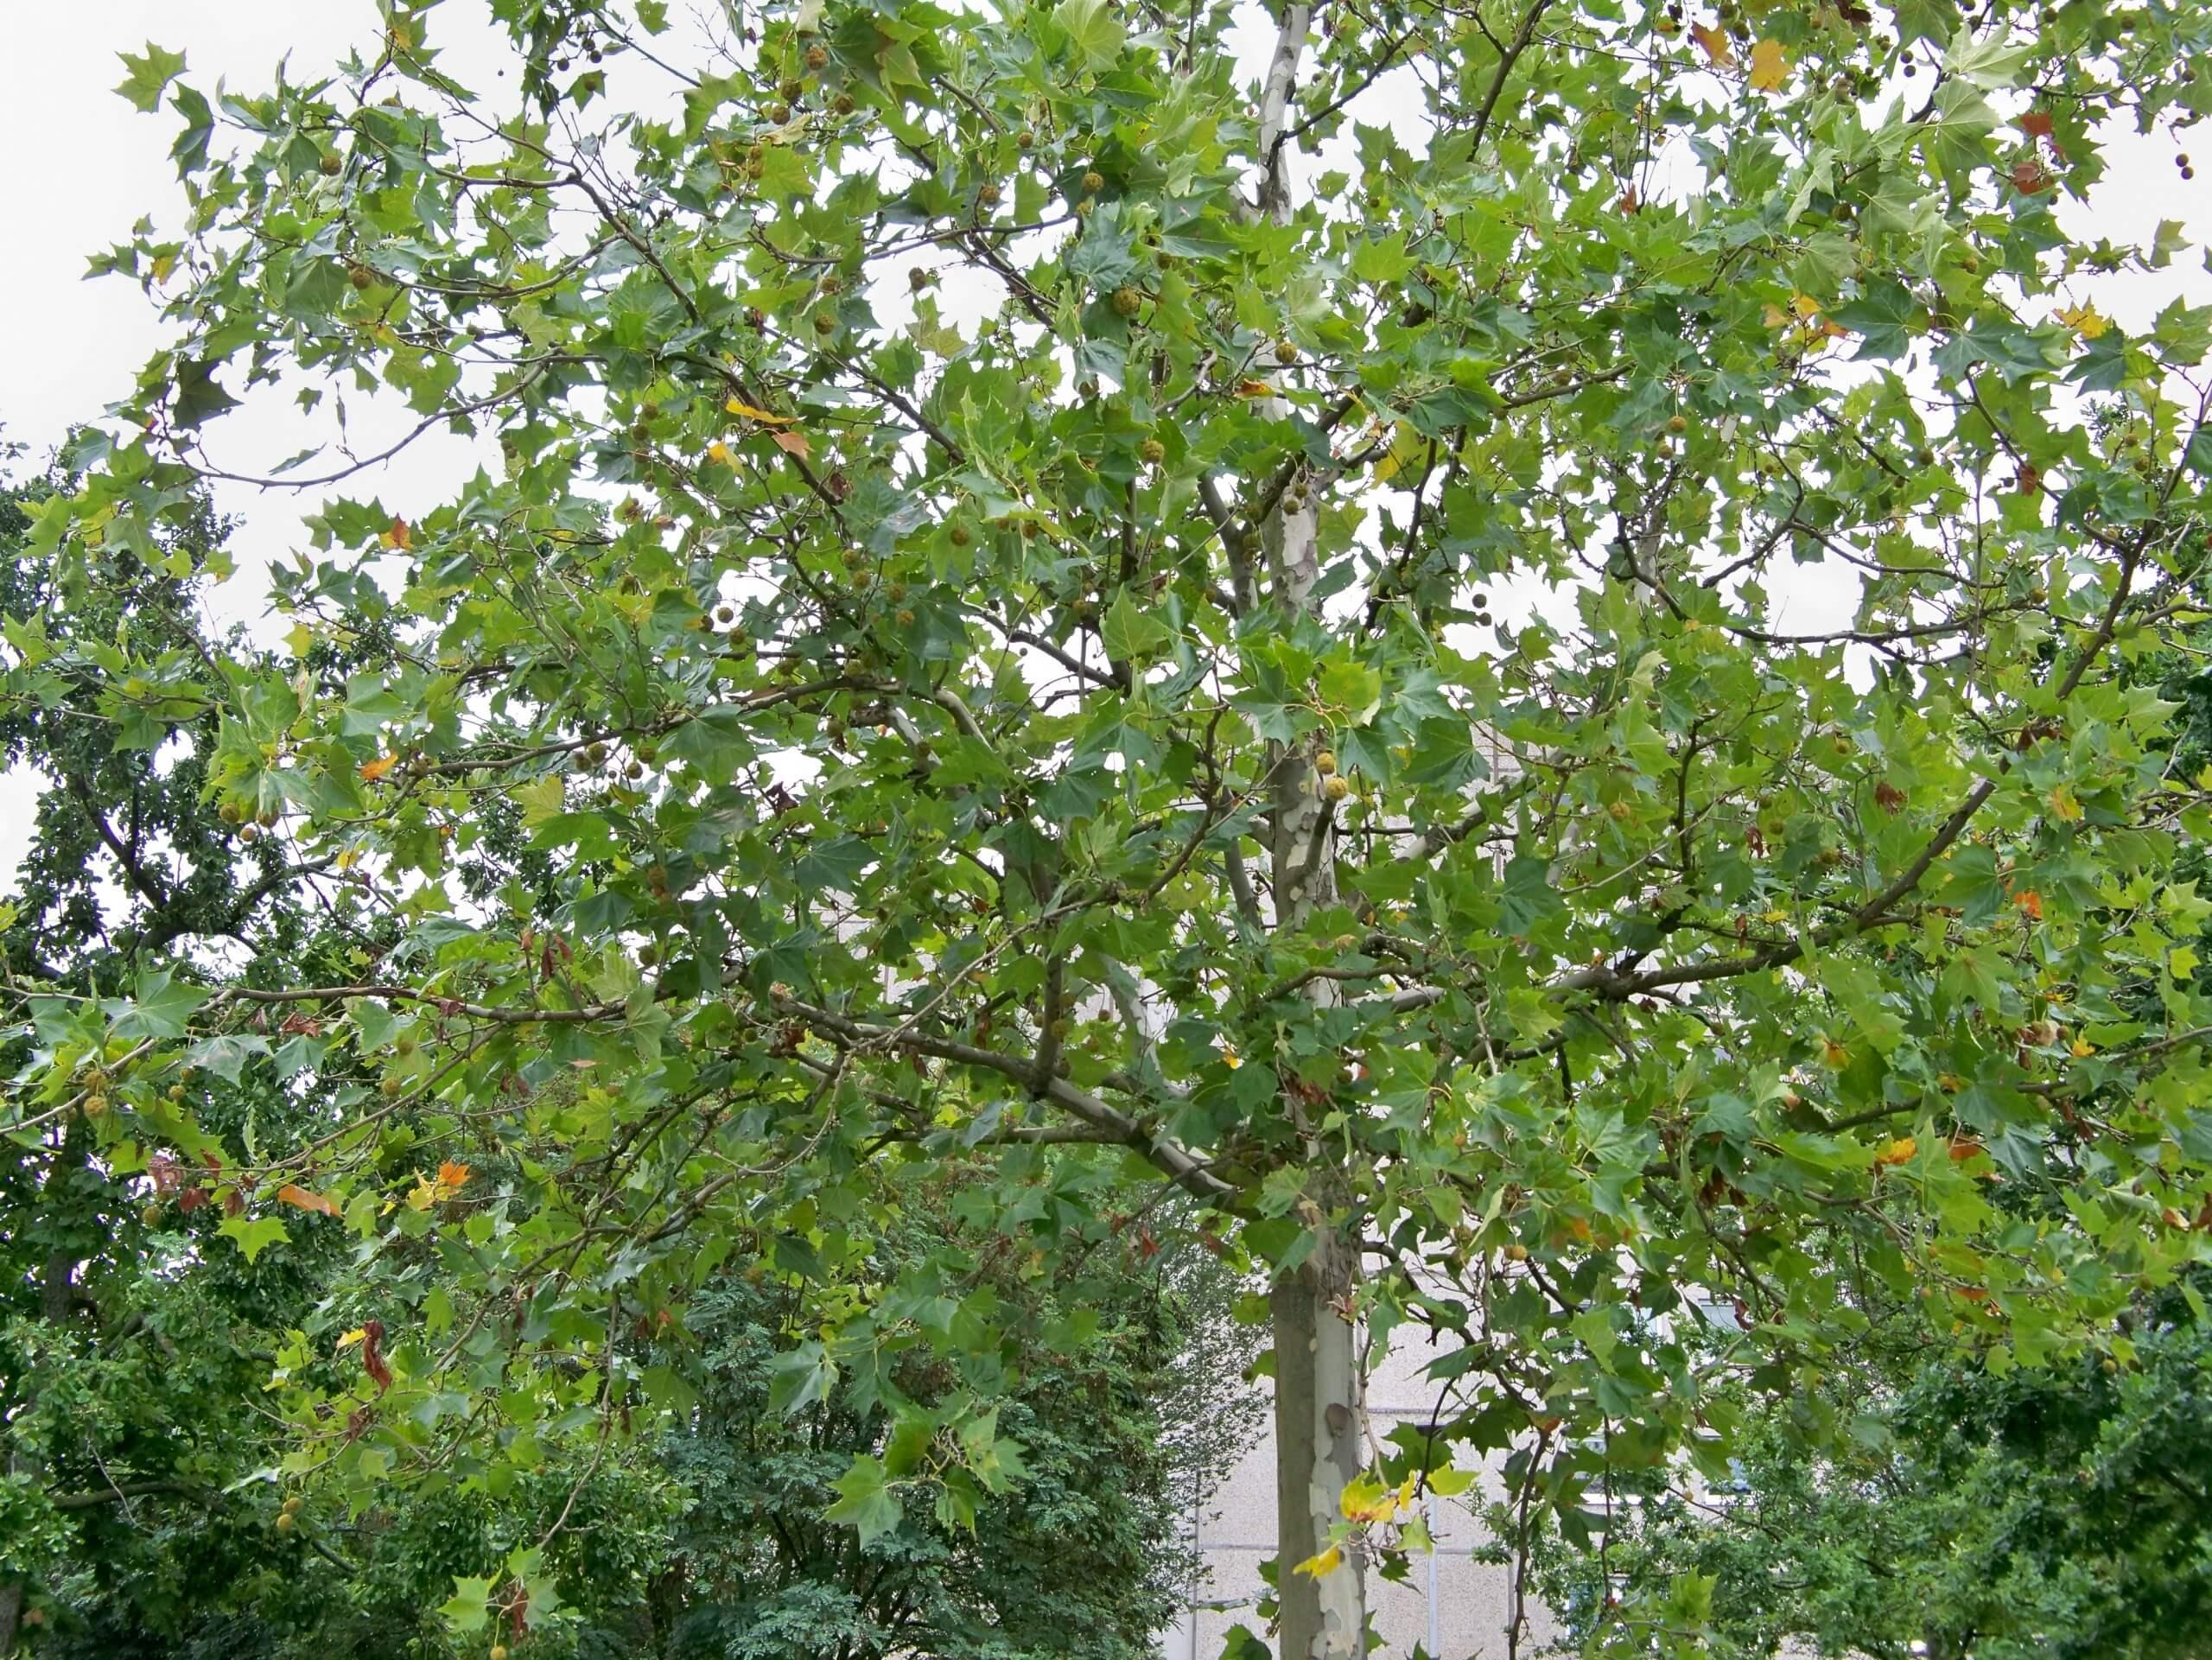 Das Bild zeigt einen Ausschnitt der Krone einer Platane an der Schönefelder Chaussee am Kosmosviertel. Die an Stielen hängenden kugeligen Fruchtstände sind zu erkennen. Hier im August 2021.